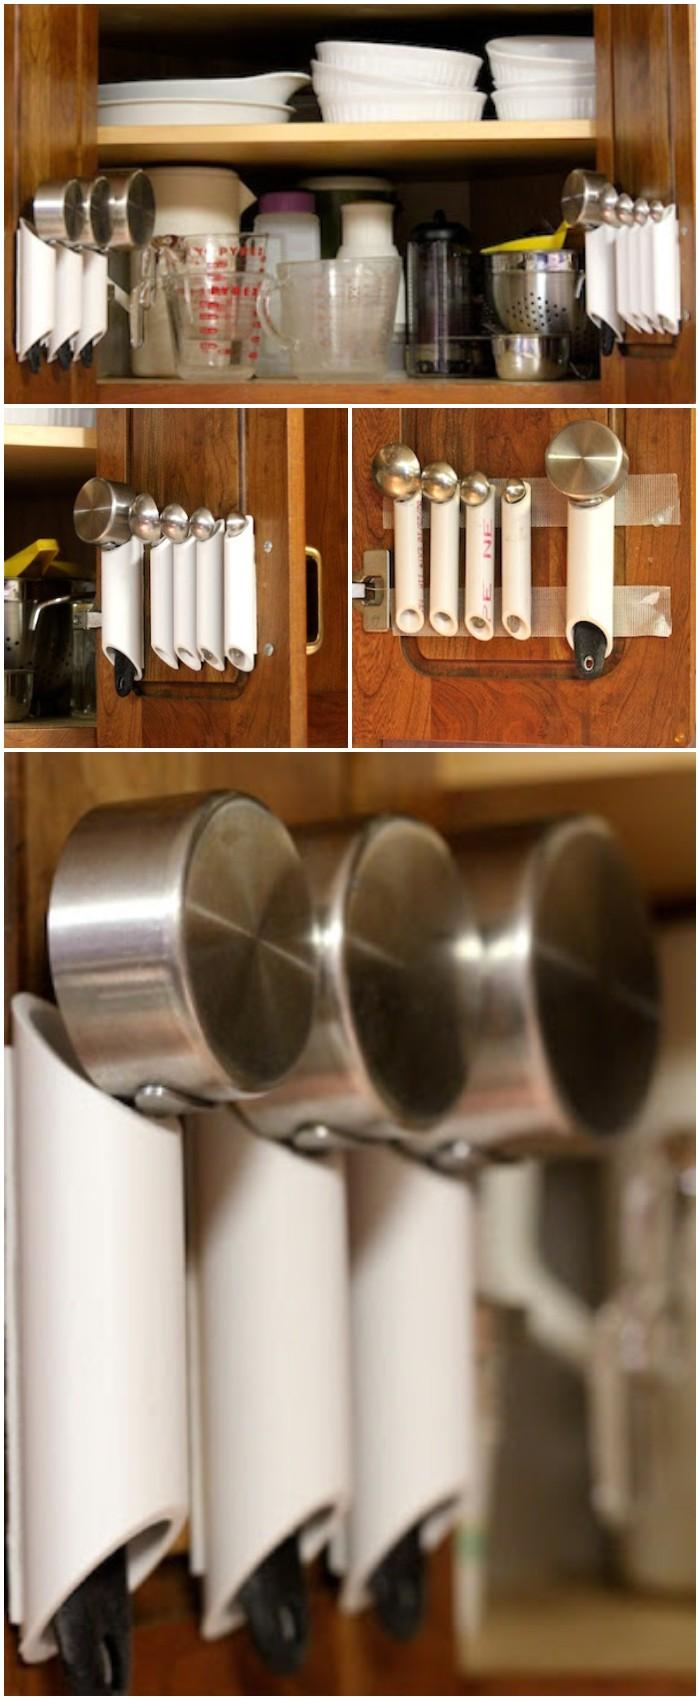 Pvc Pipe Kitchen Tool Organizer